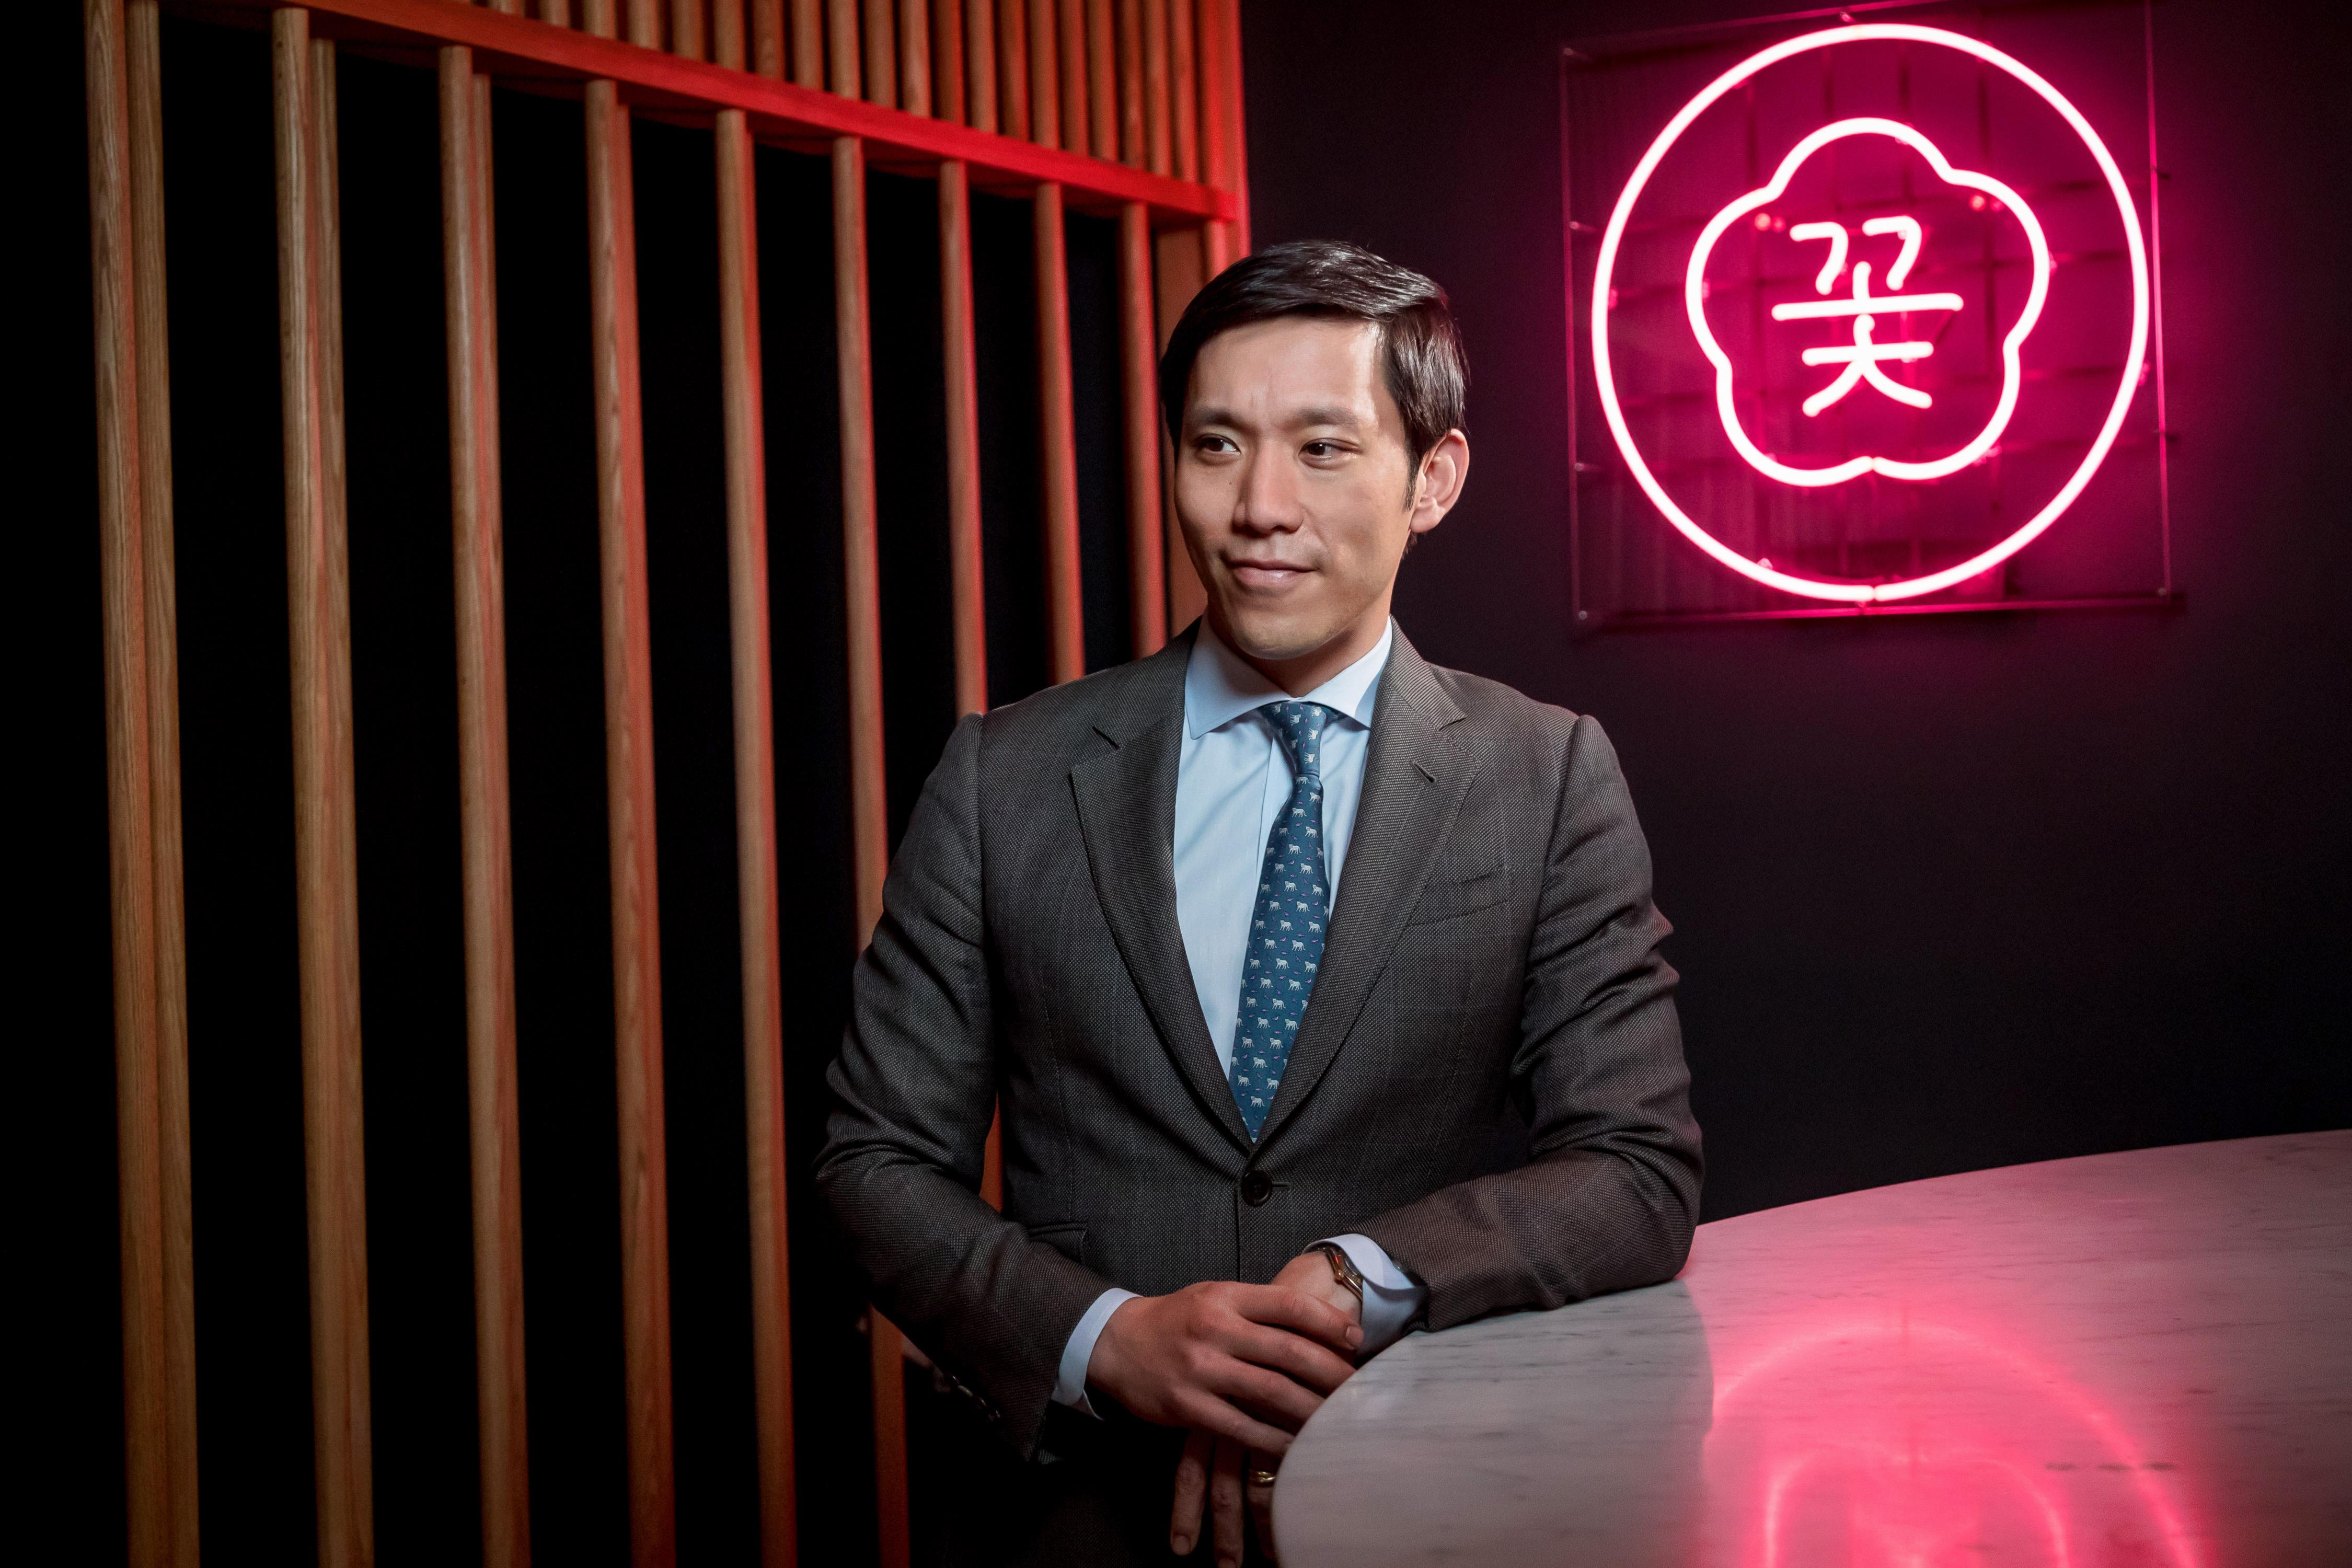 Simon Kim at Cote